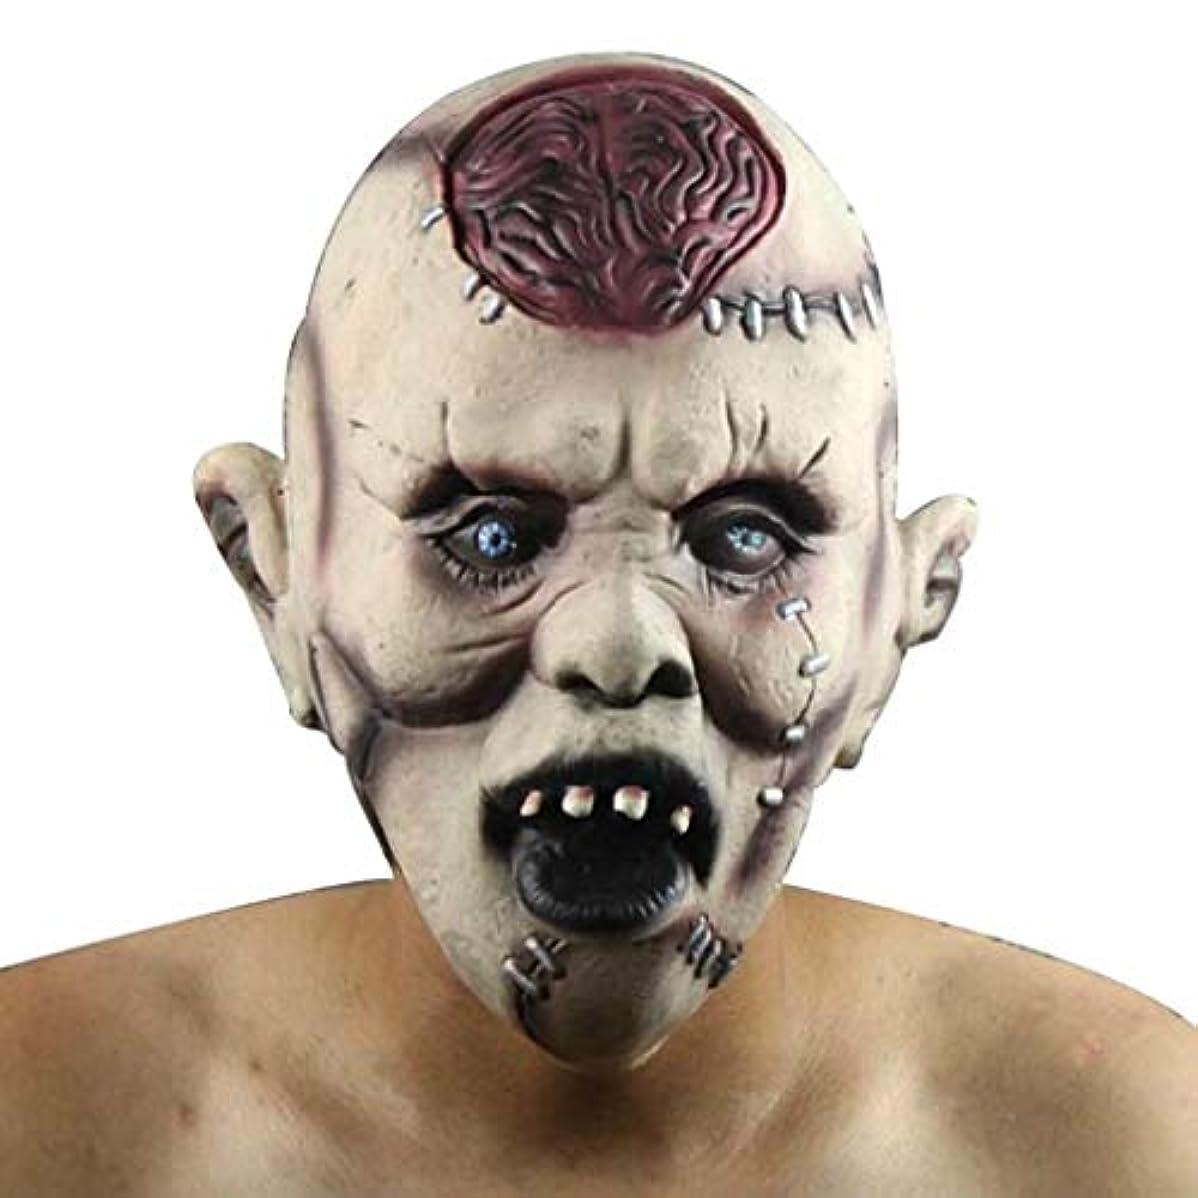 終了しましたほのめかすテセウスハロウィンゴーストマスクホラーマスクホラーラテックスヘッドカバー映画小道具仮面舞踏会マスク